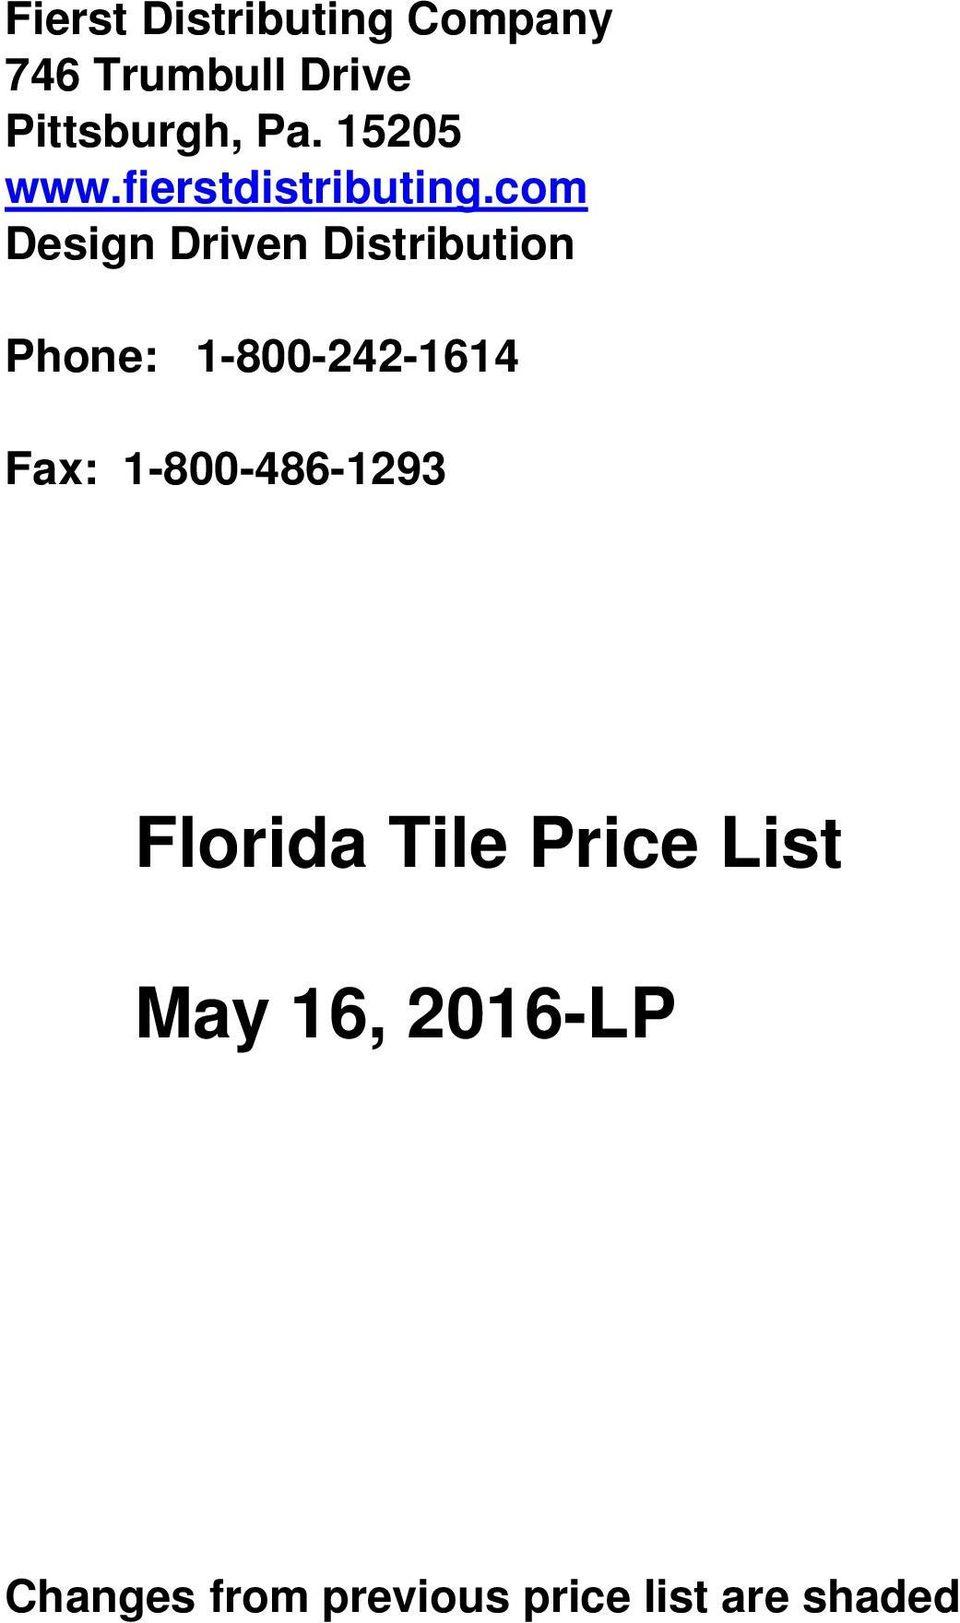 florida tile price list may 16 2016